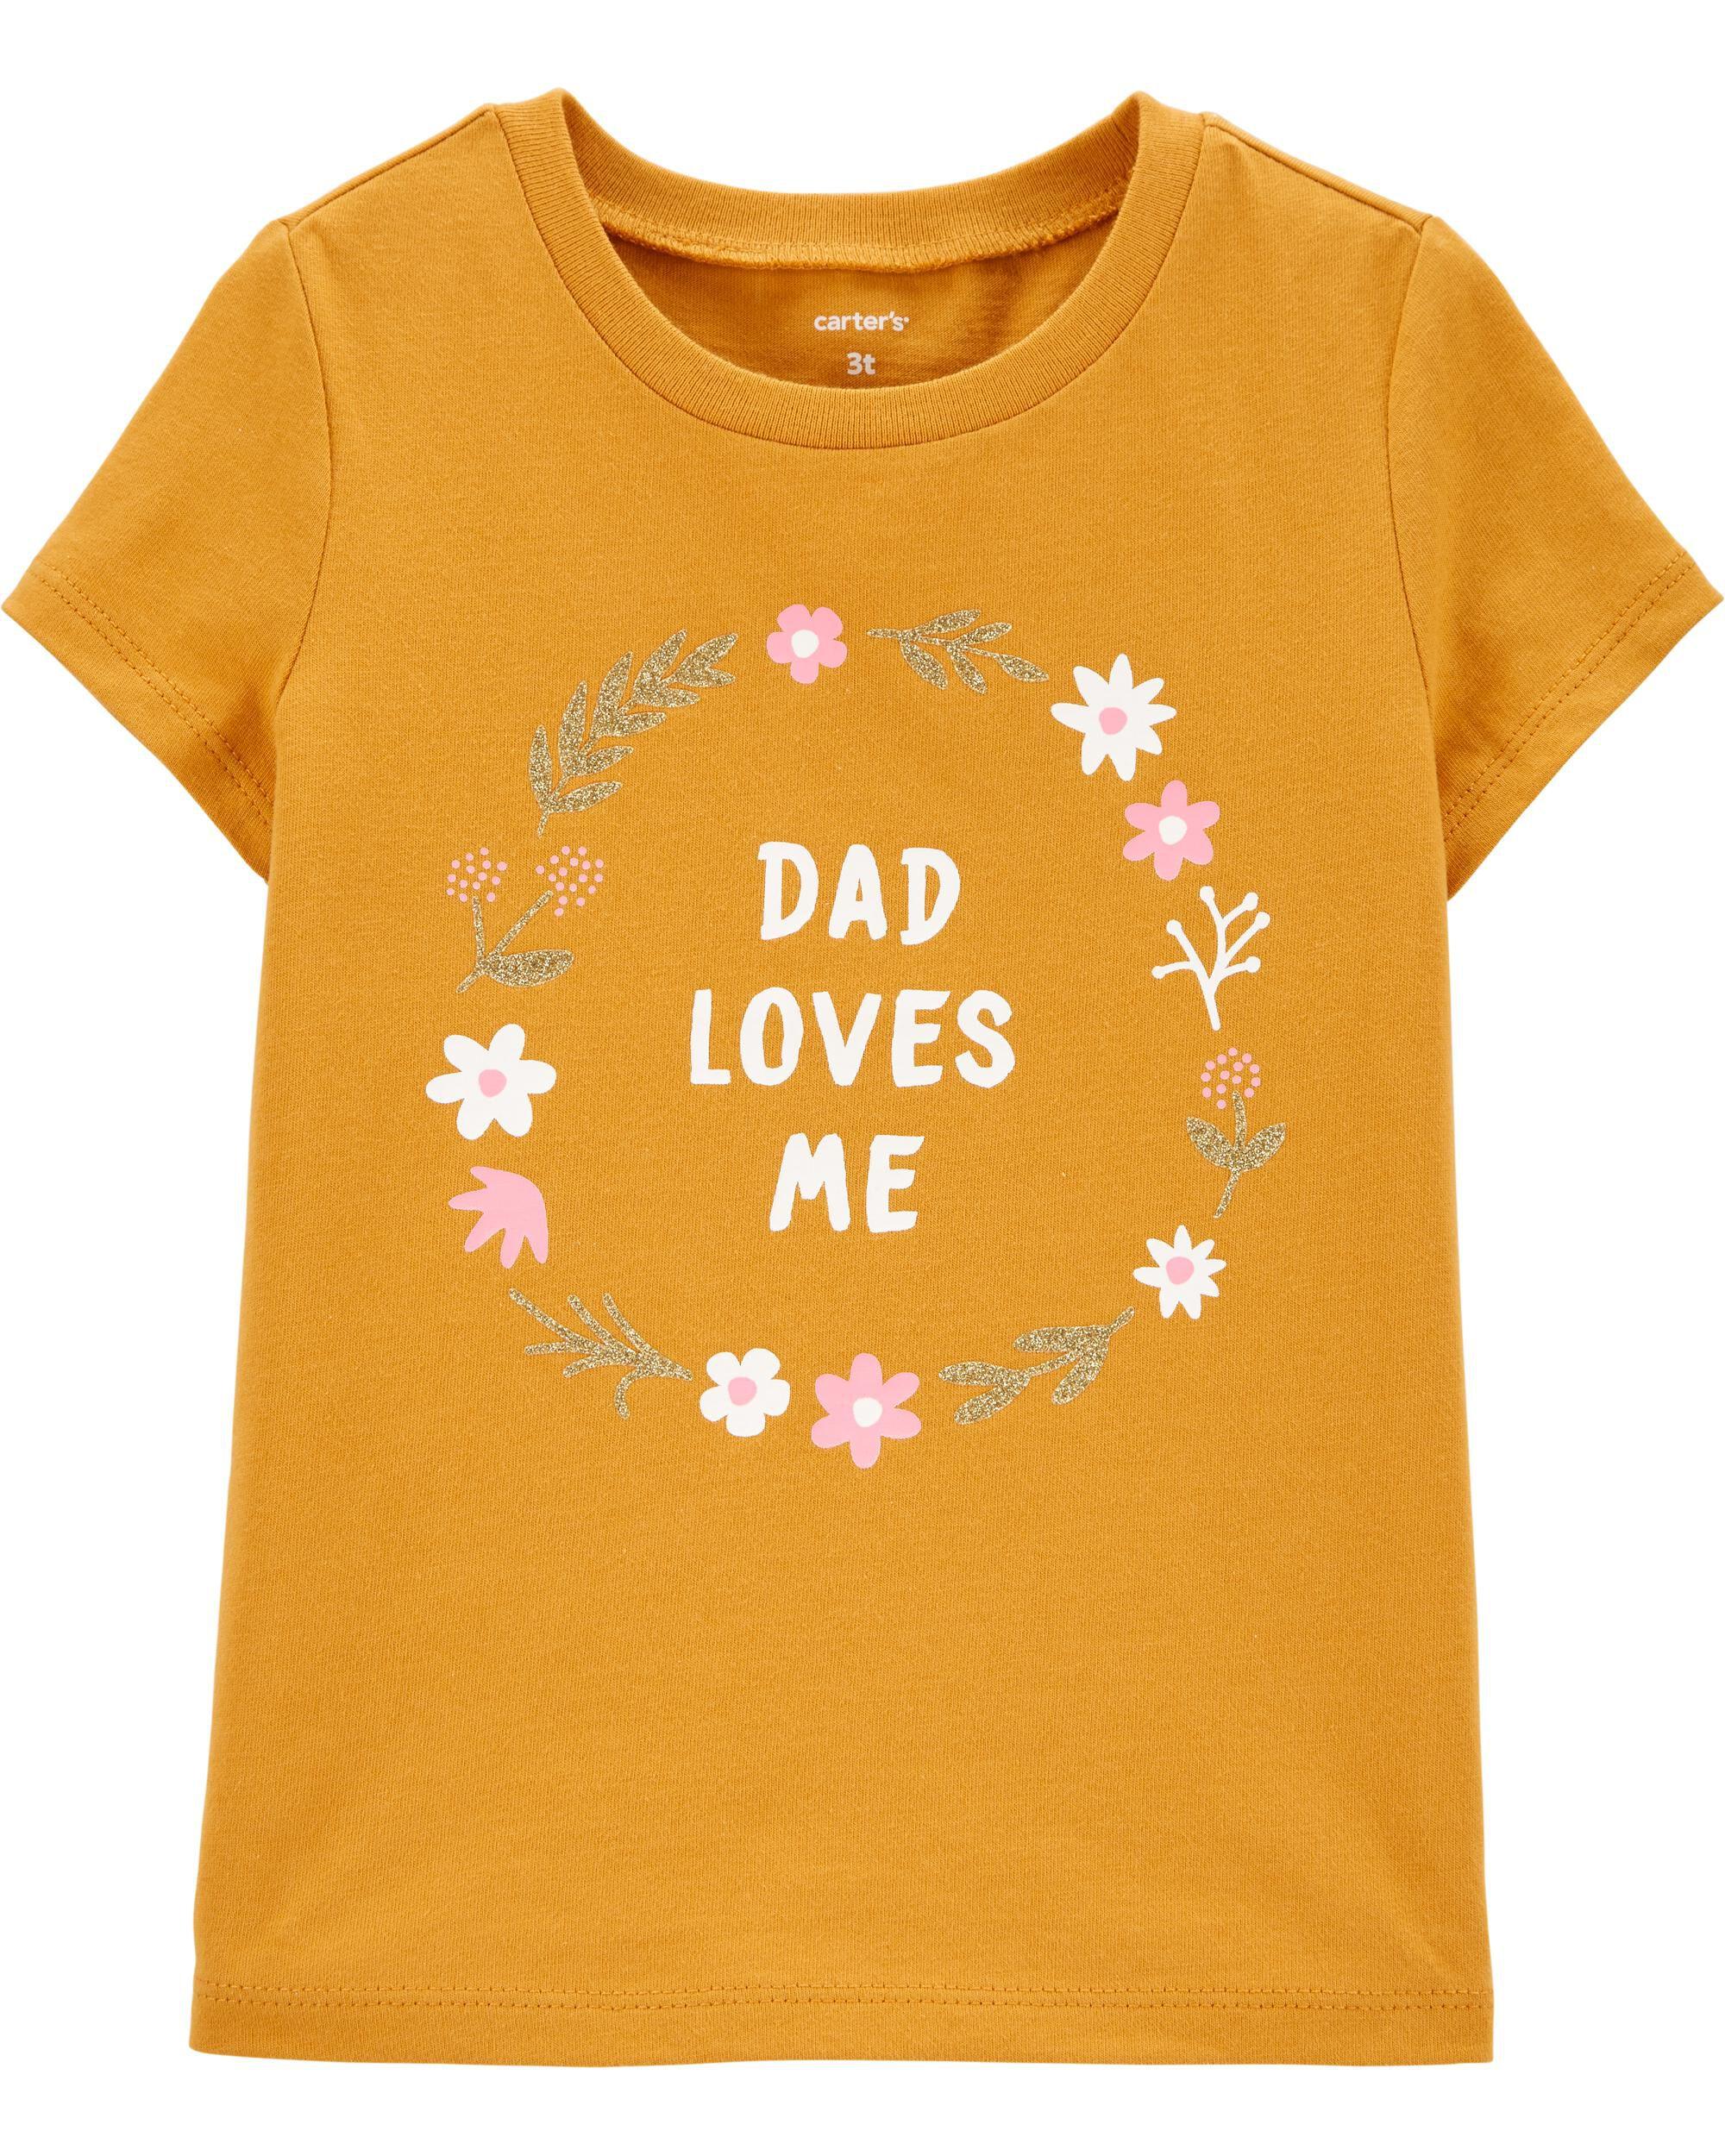 *DOORBUSTER* Daddy Loves Me Jersey Tee